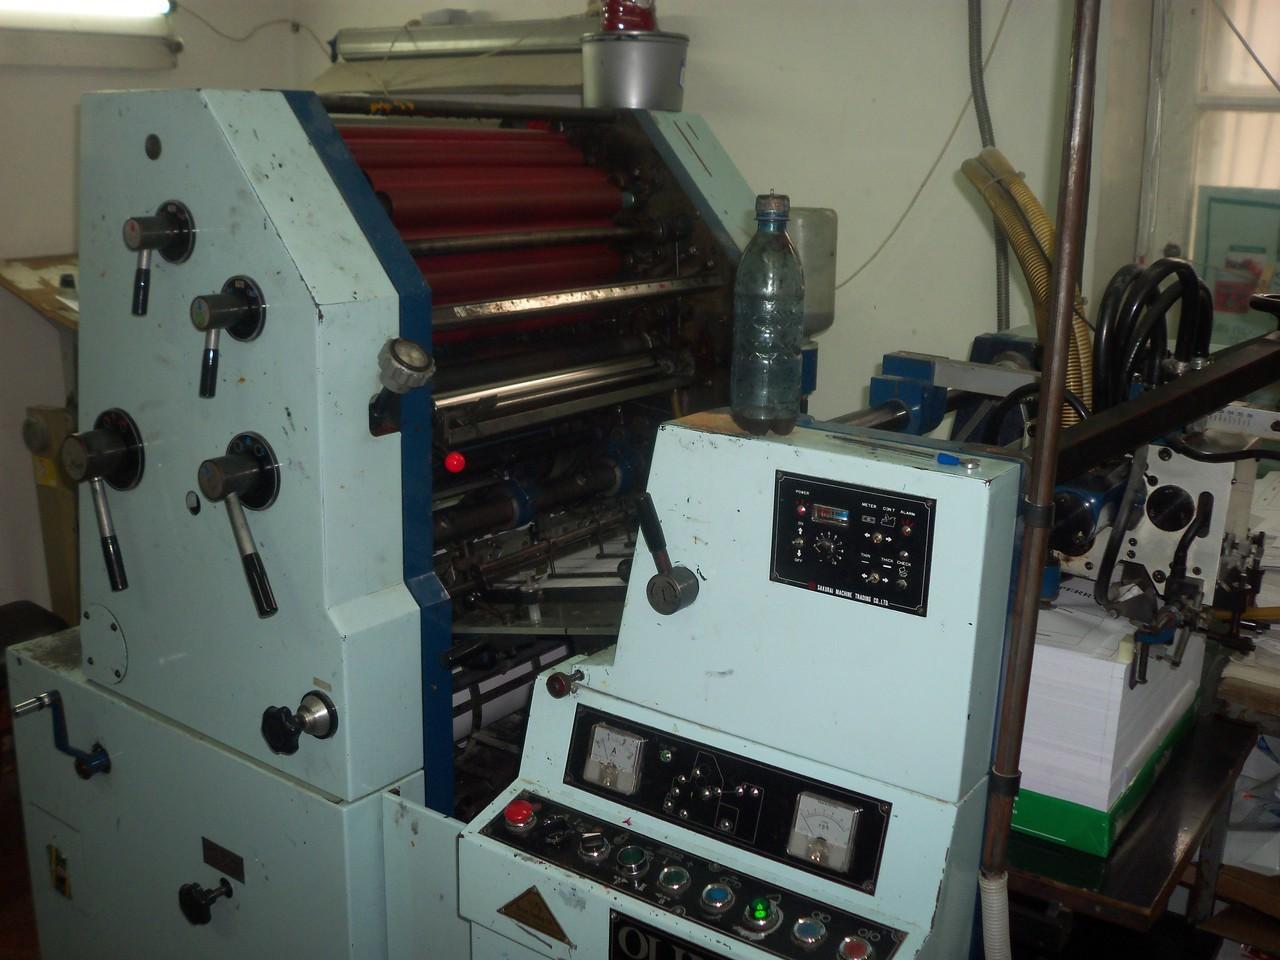 продам печатный станок - 11